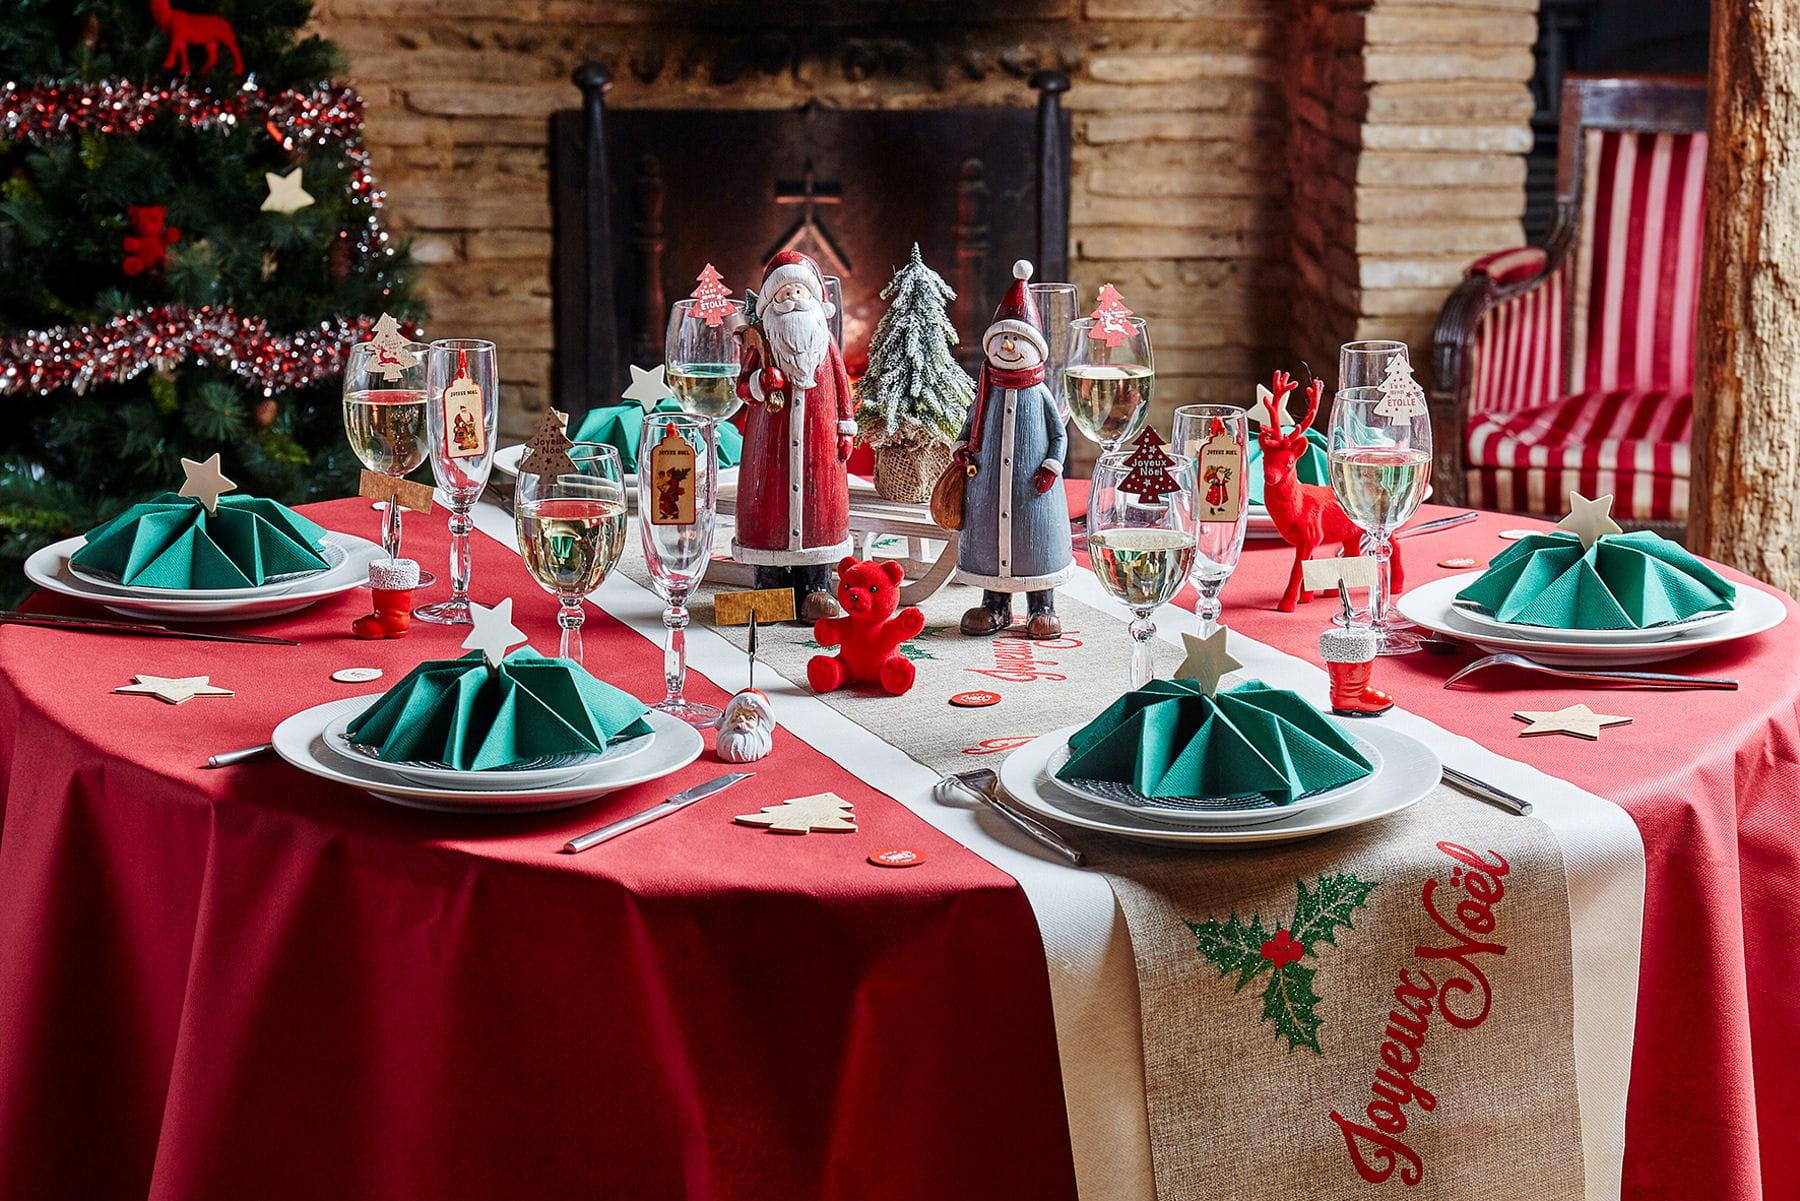 Decoration de table pour noel rouge et blanc finest - Deco table noel rouge ...